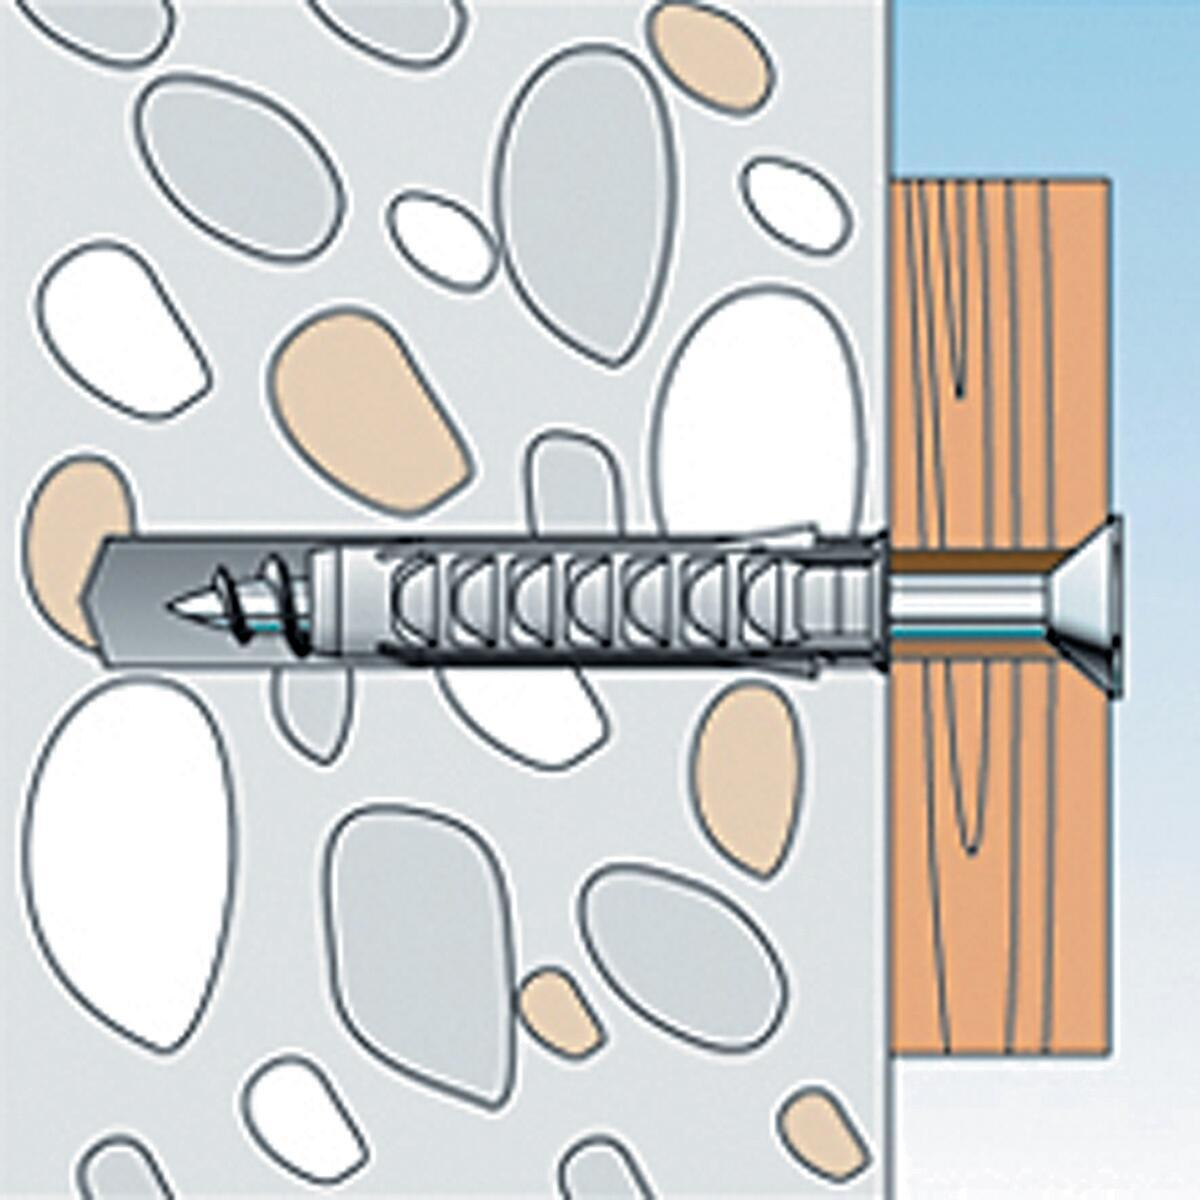 Tassello per materiale forato FISCHER SX, L 40 mm , Ø 8 mm, 25 pezzi - 2